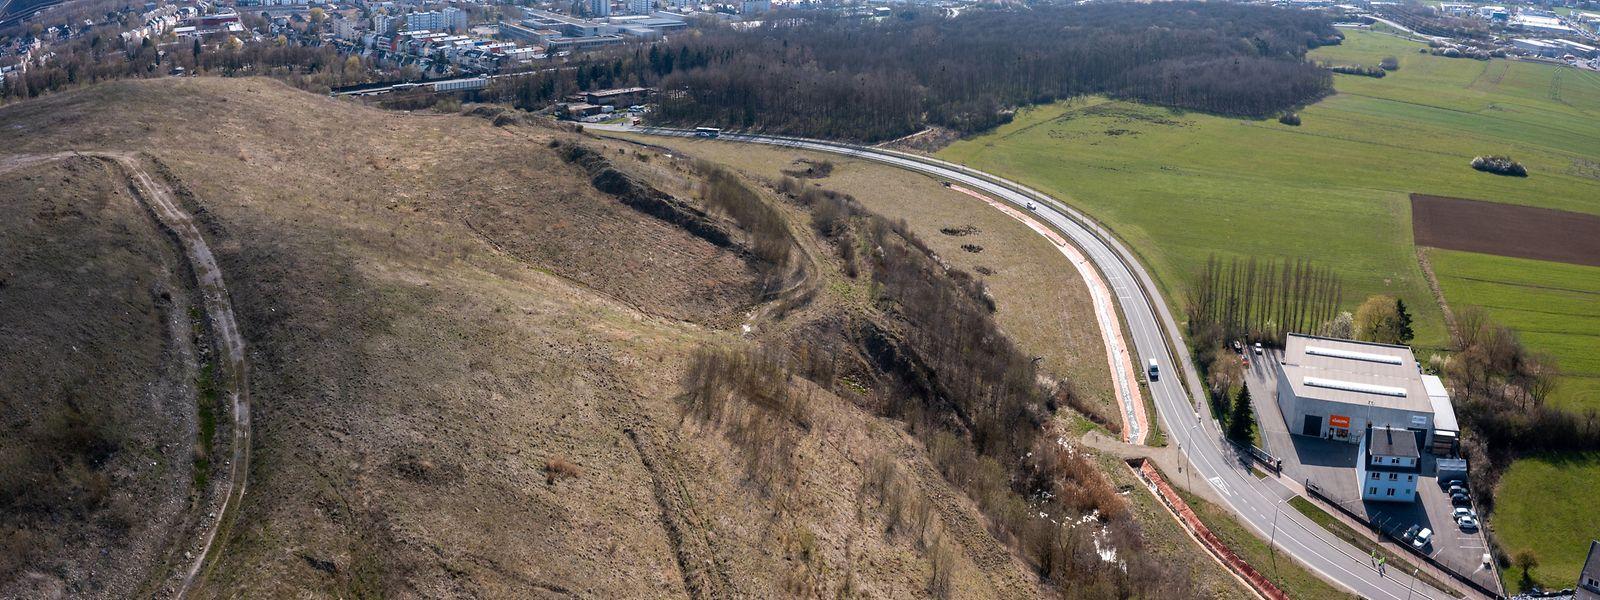 Zwischen der Landstraße und dem Crassier wird die Drainage beginnen und Richtung Kiemelbaach führen.